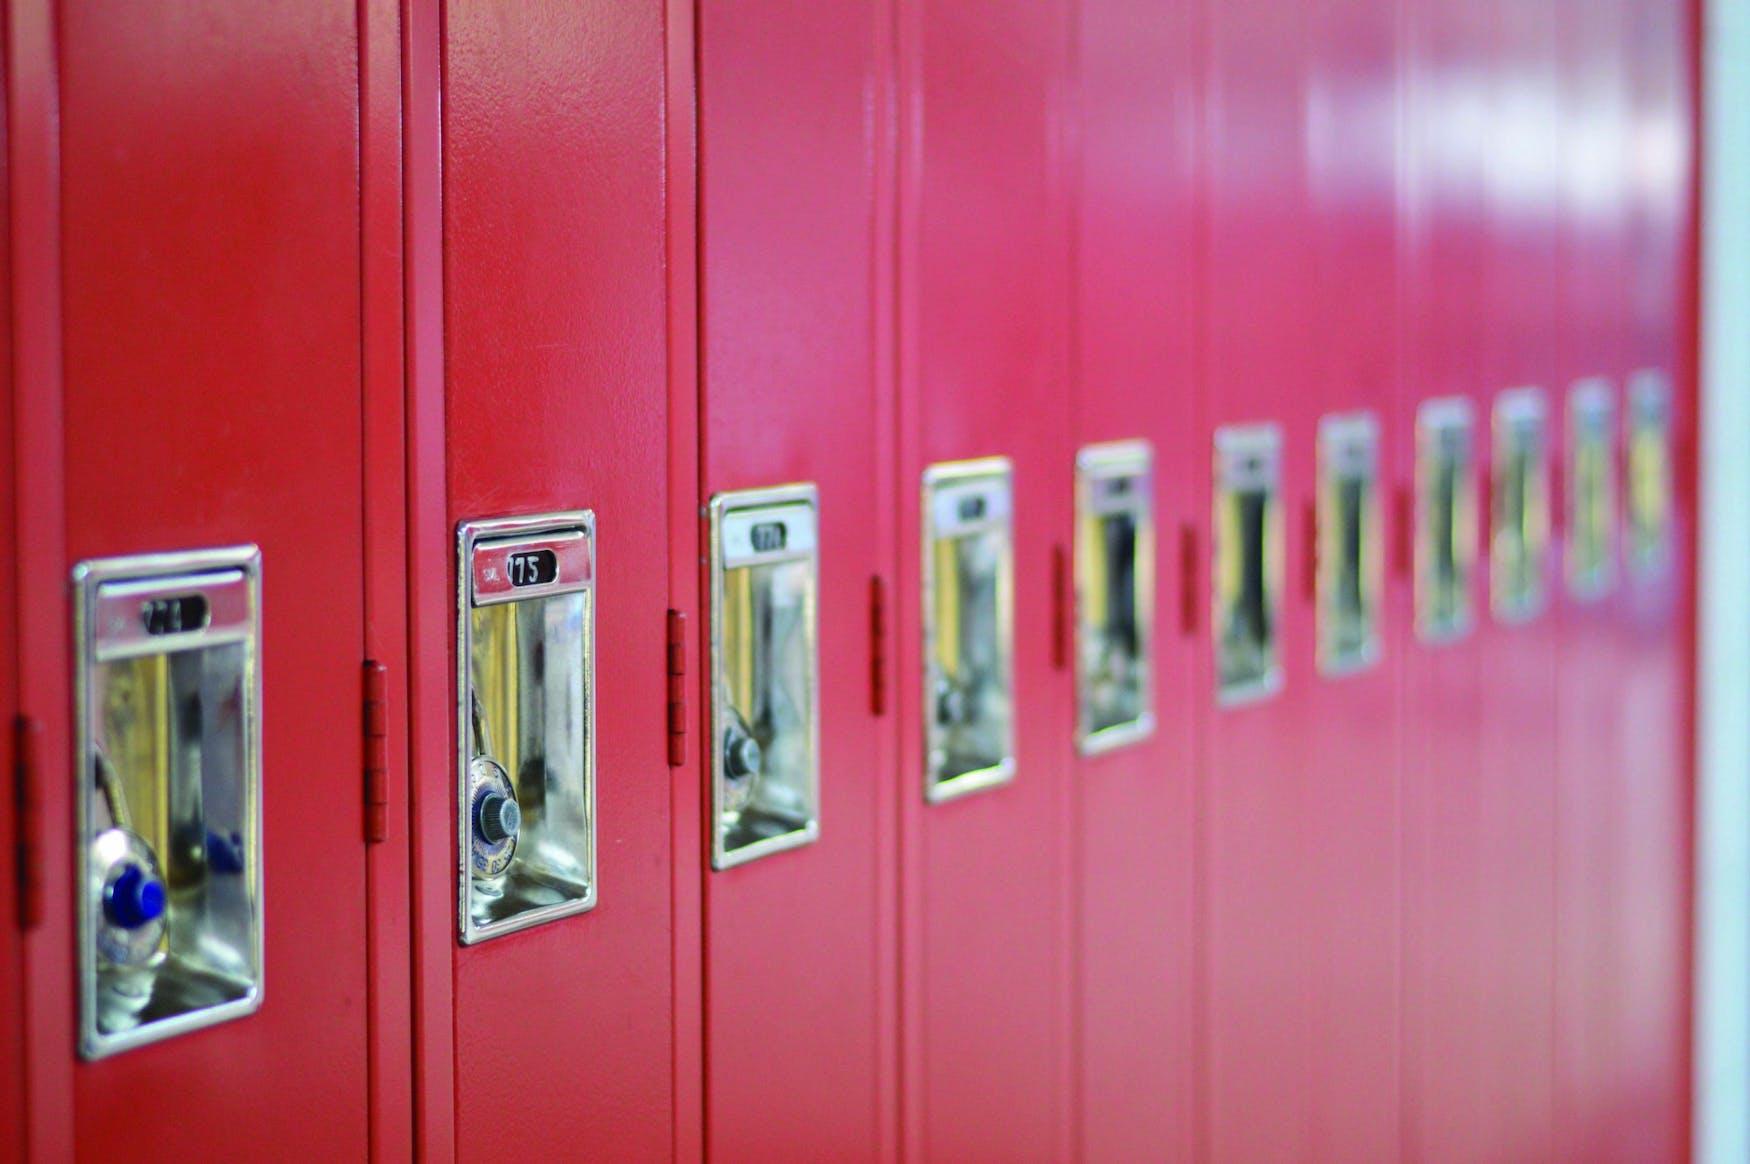 lockers-2774646.jpg